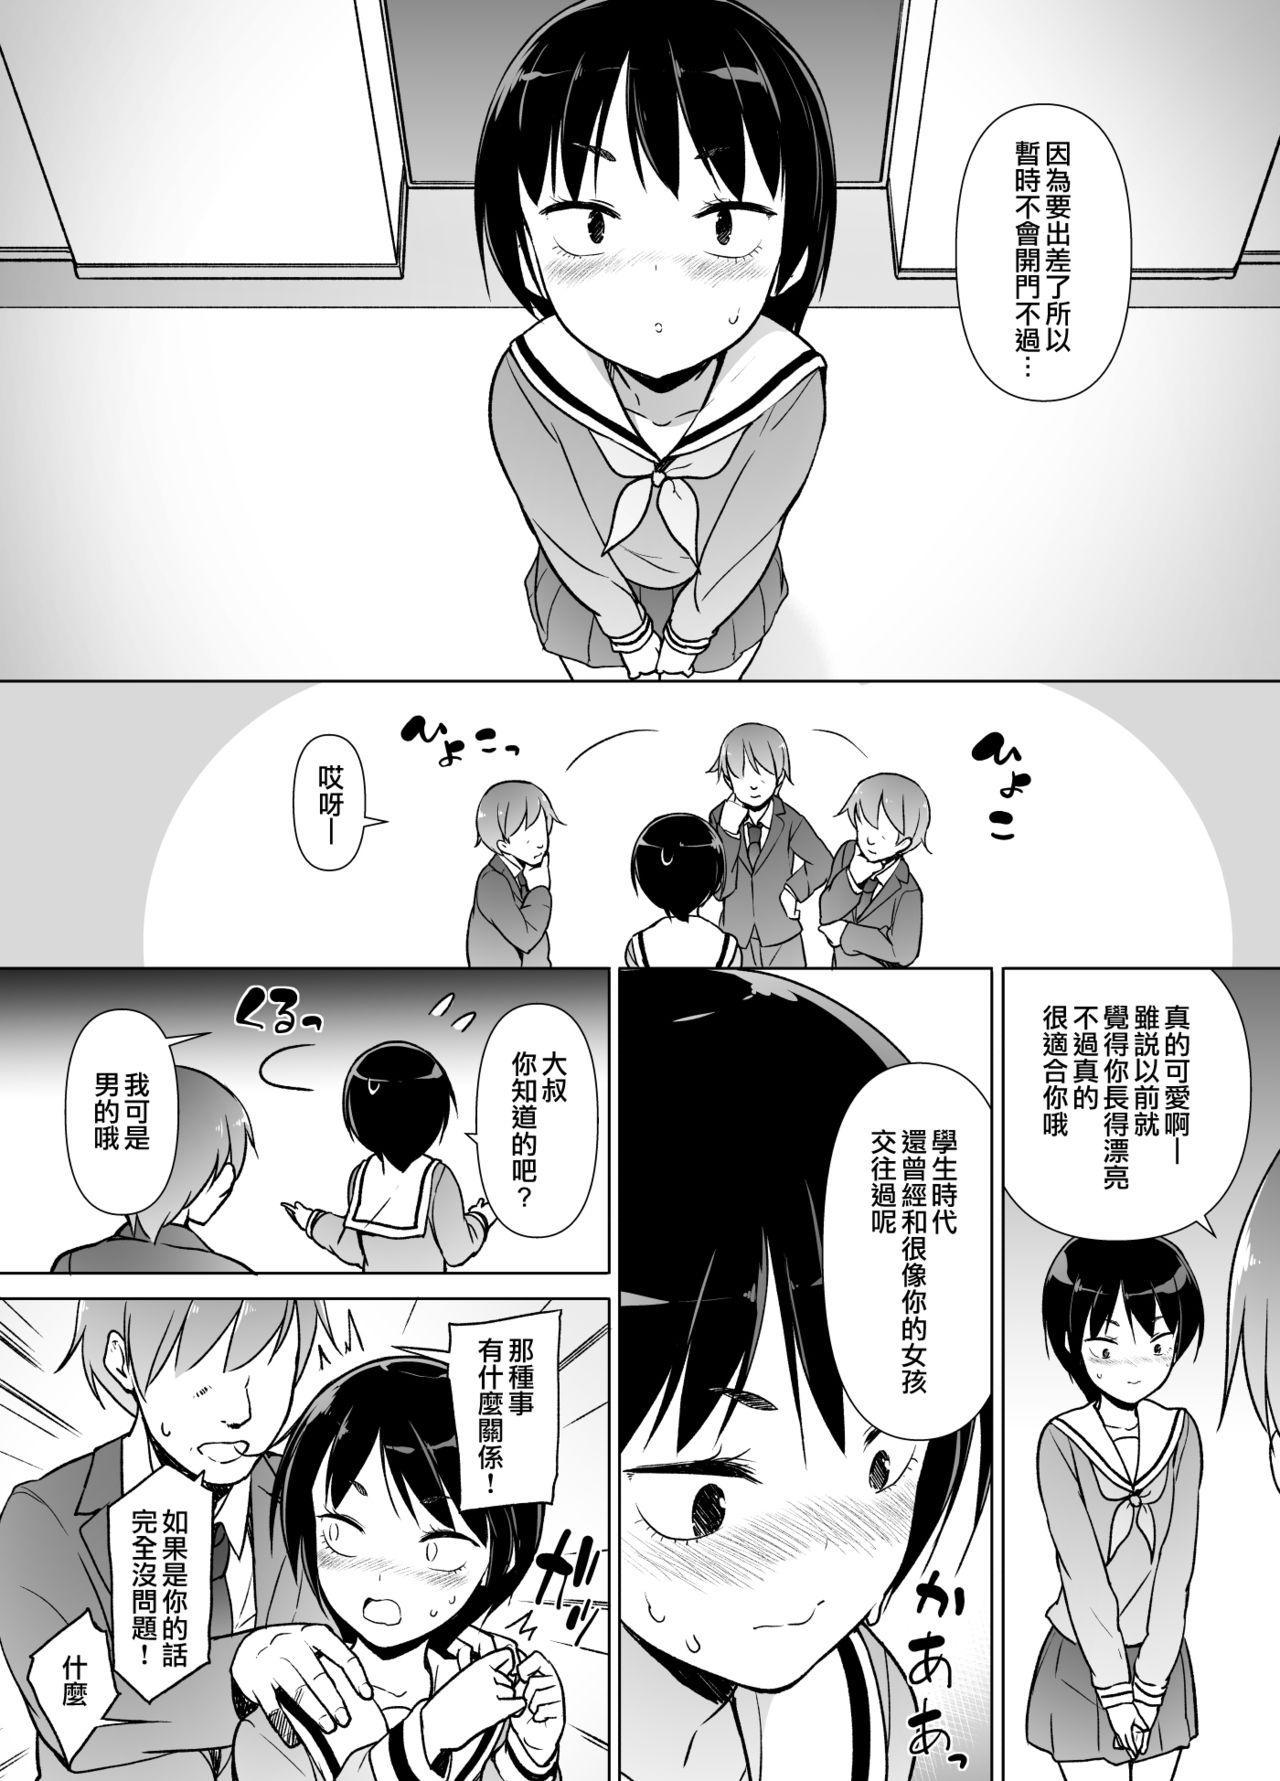 Josoukko no Boku wa Tonari no Oji-san no Mono ni Naru 5